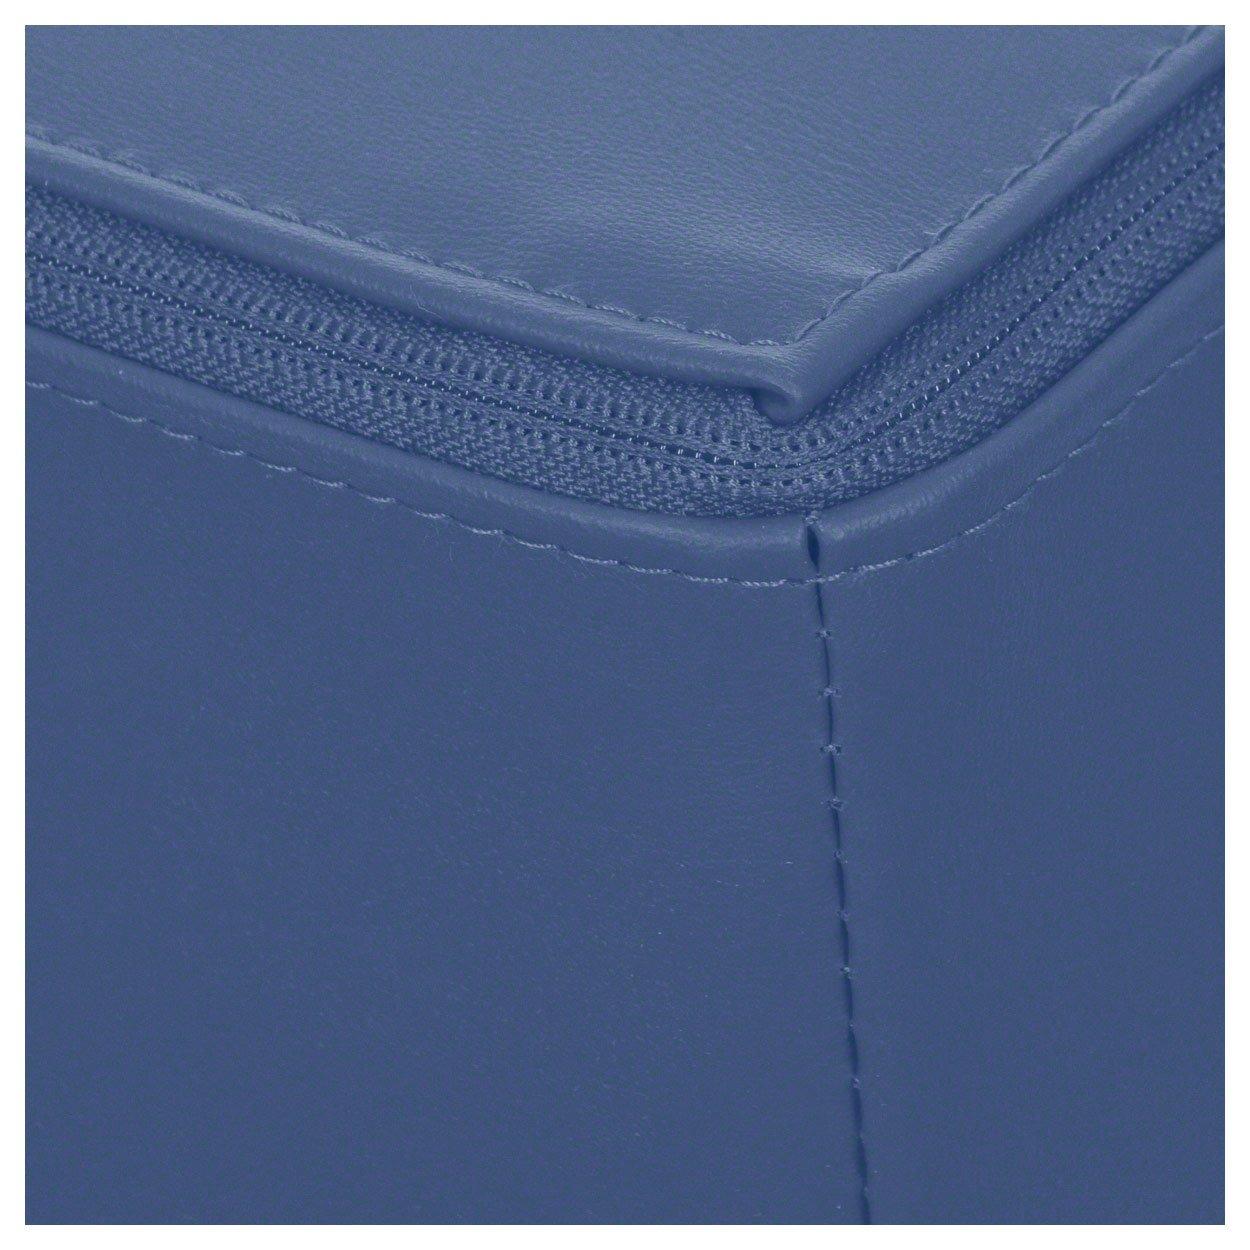 Lagerungskeil mit Beinmulde Lymphdrainagekeil Lymphkeil Lagerungskeil 75x20 cm